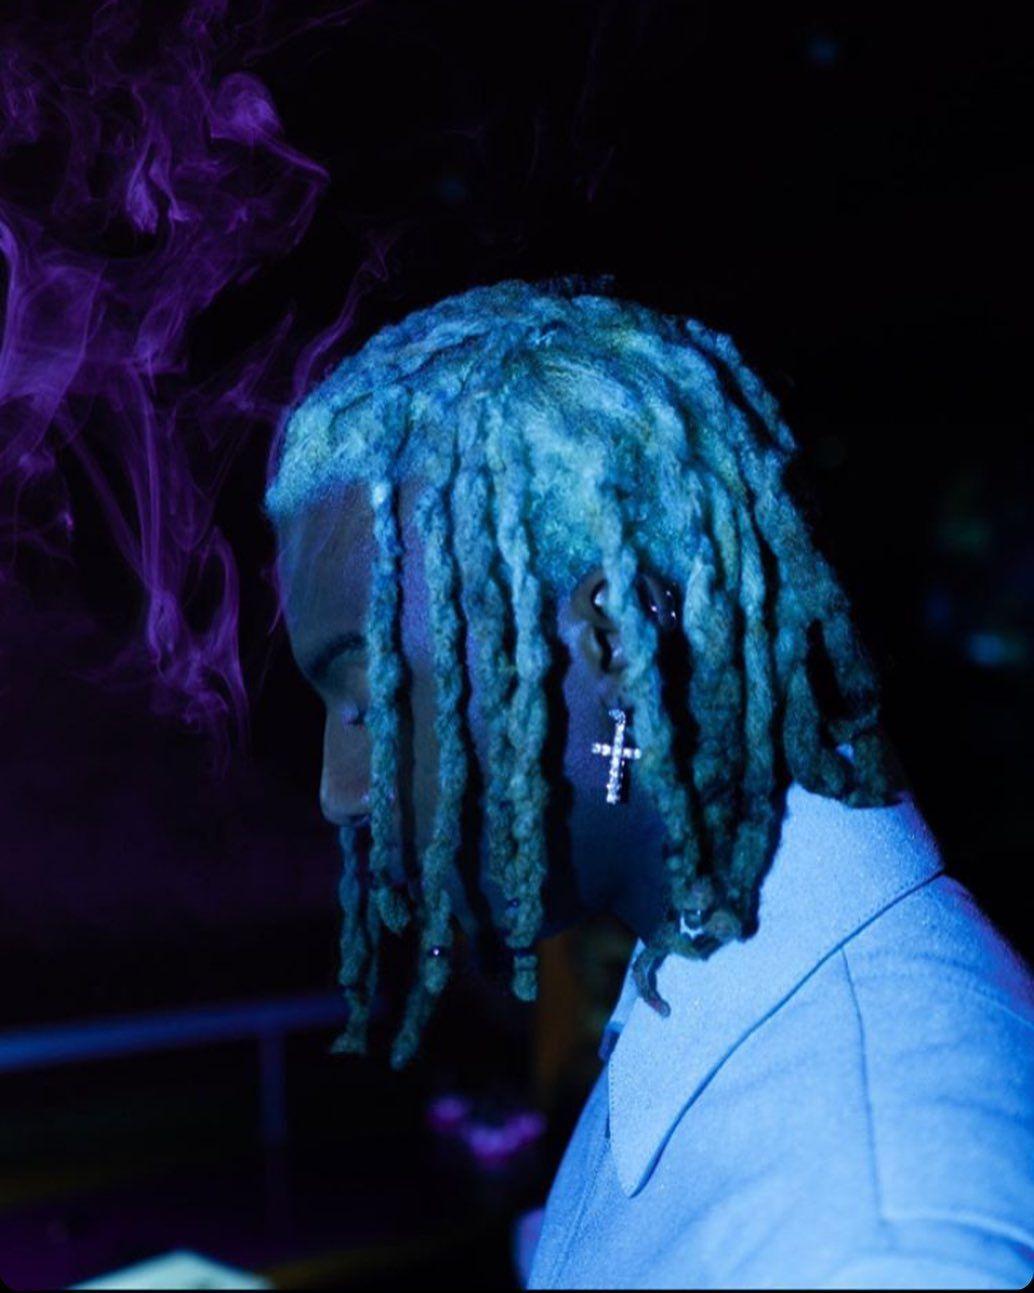 Pin By Spencer On Skull Art Dark Green Aesthetic Blue Aesthetic Rapper Wallpaper Iphone